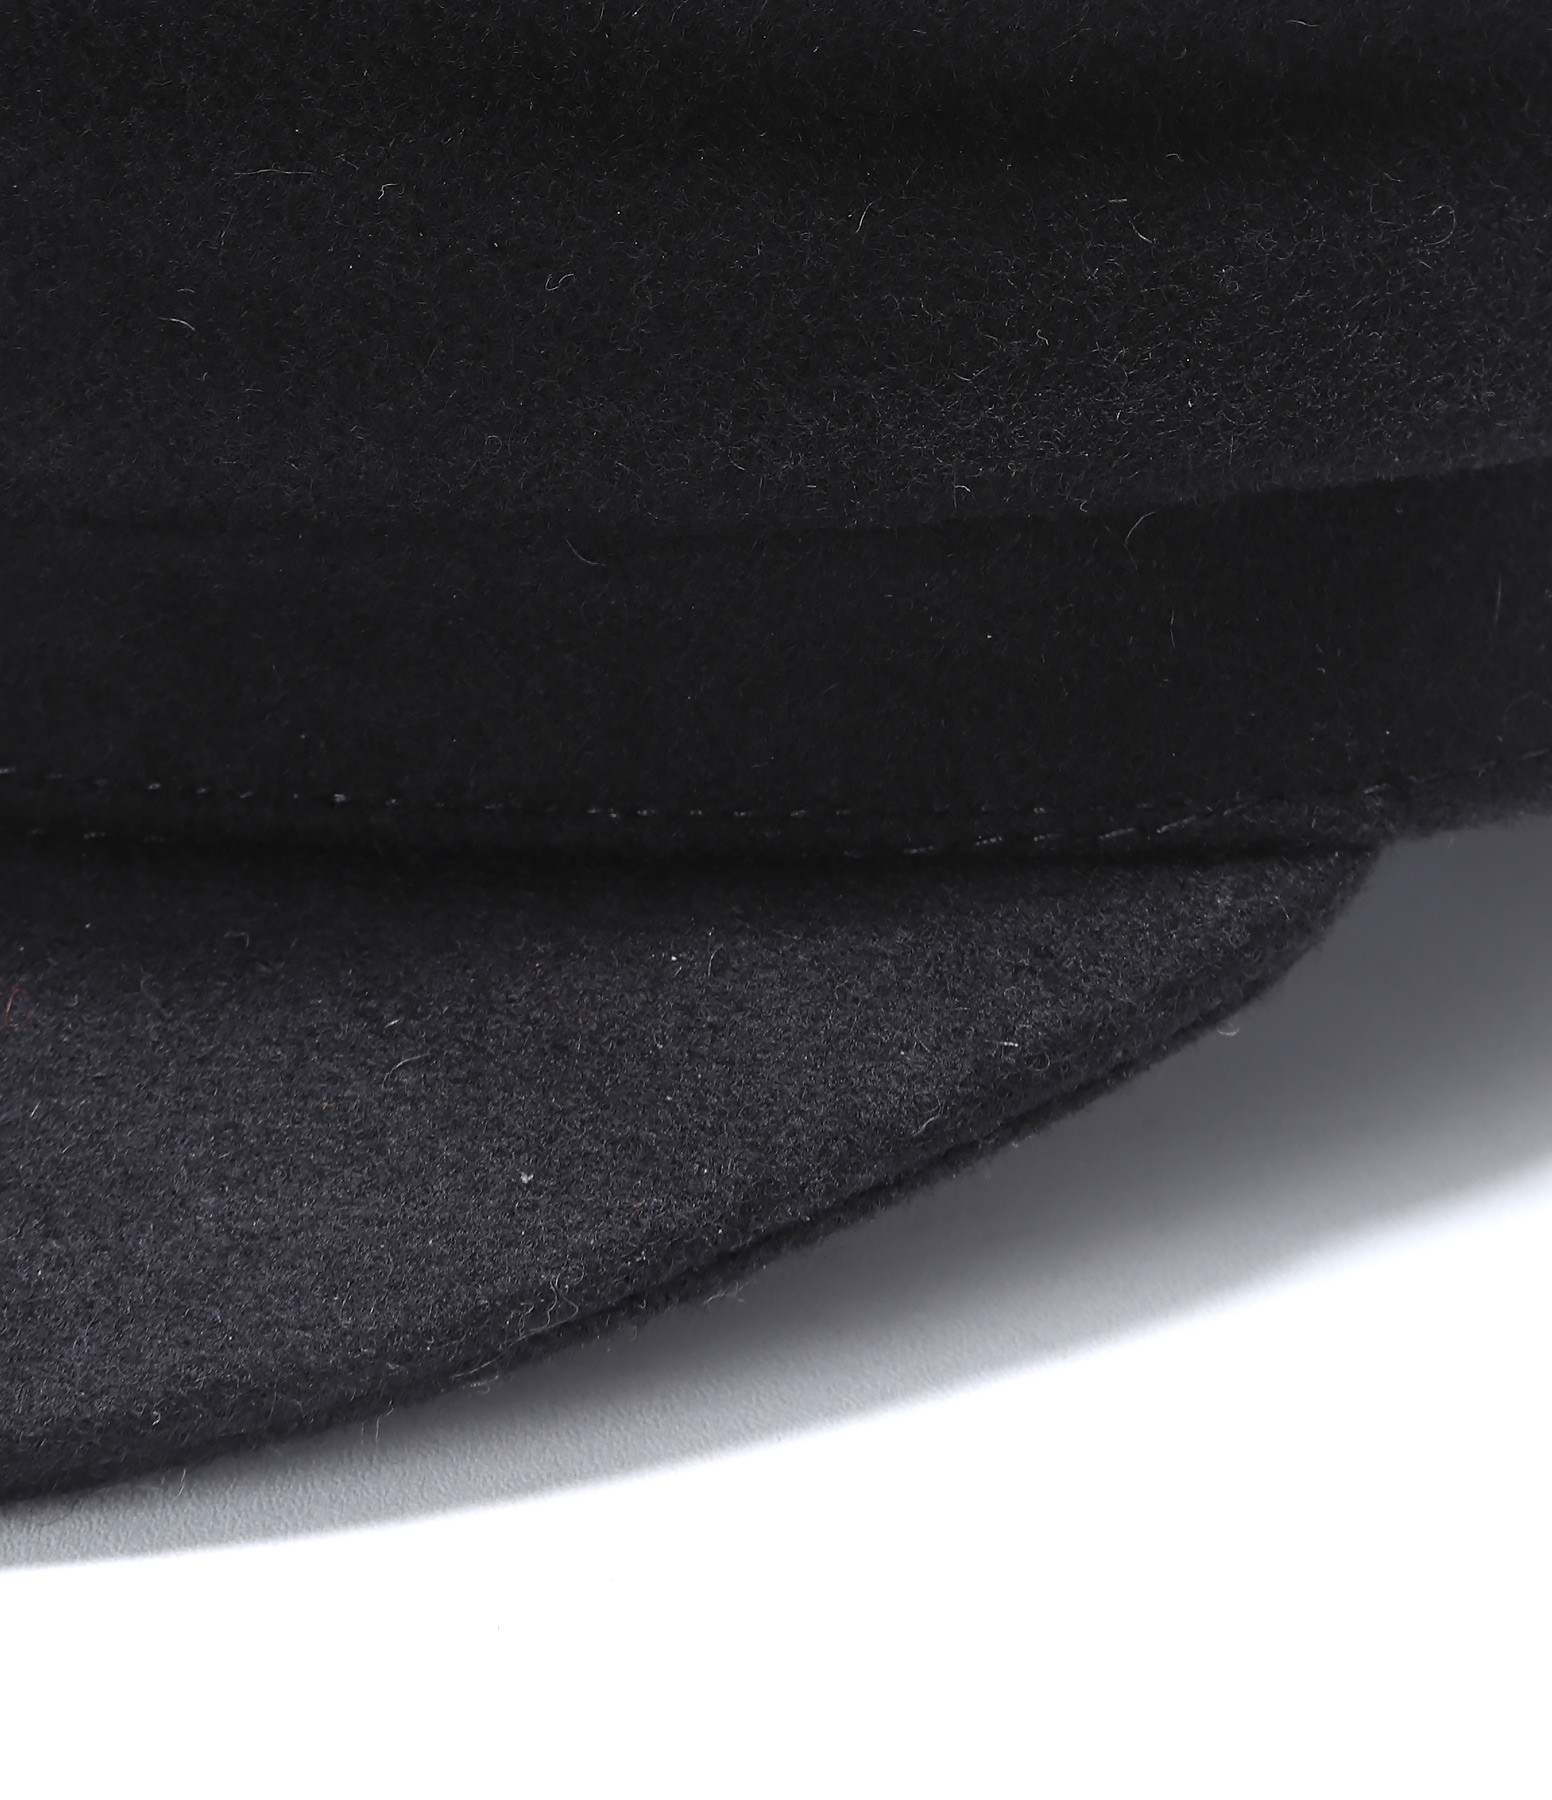 ISABEL MARANT ETOILE - Casquette Evie Laine Cachemire Noir